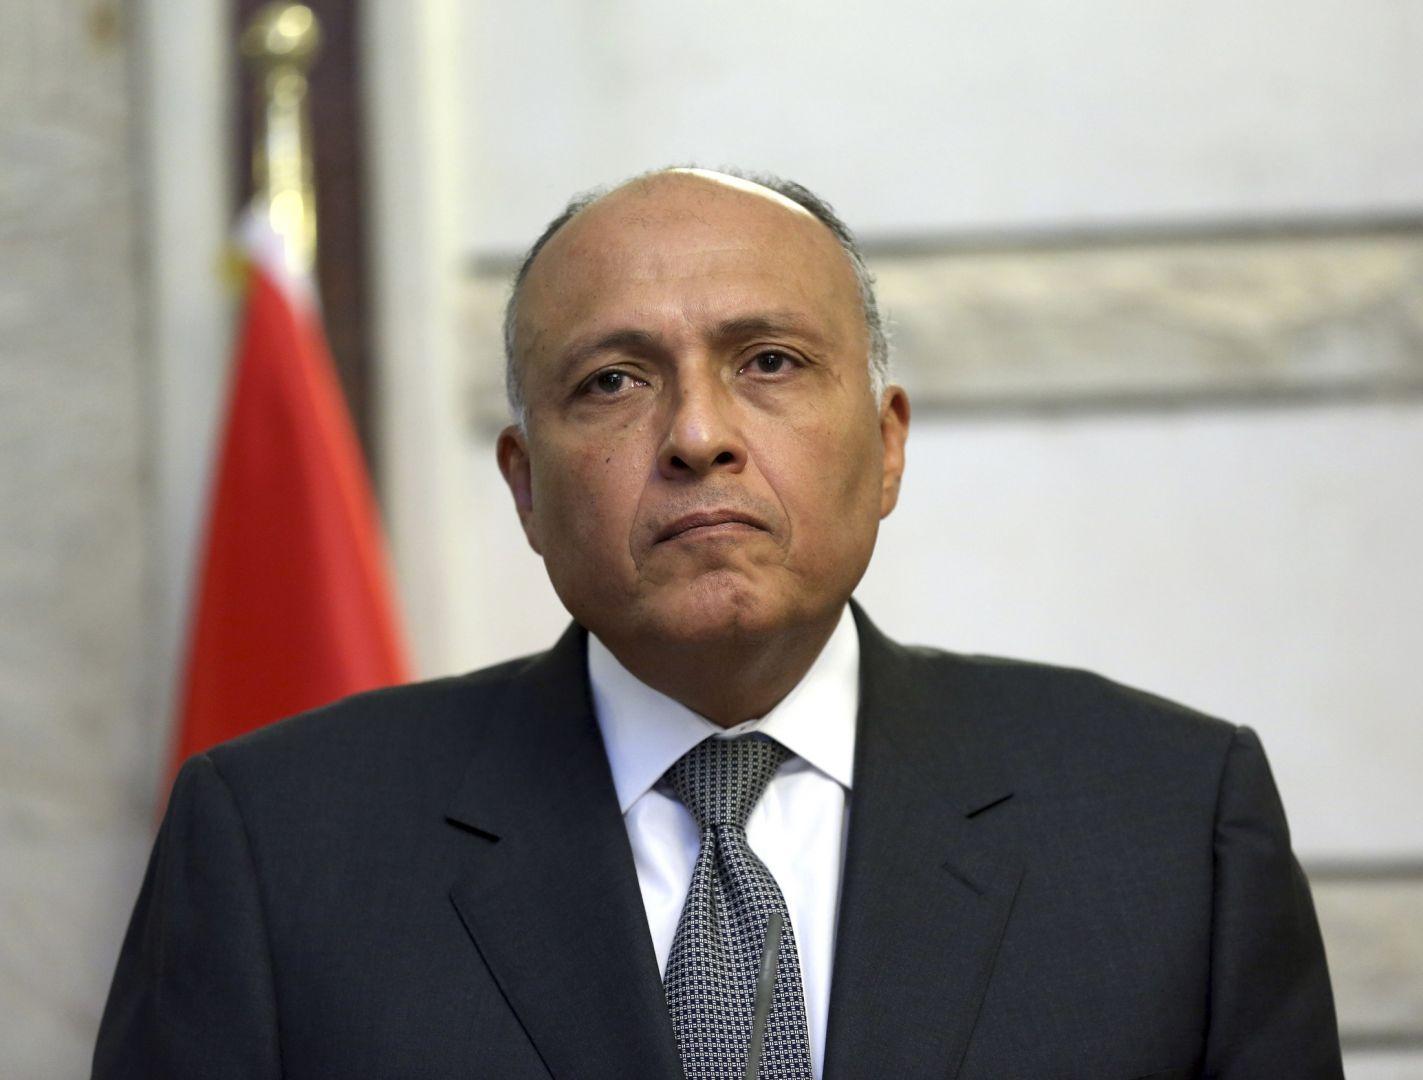 الخارجية المصرية ترد على تصريحات أثيوبيا ببناء 100 سد جديد بخلاف سد النهضة 3